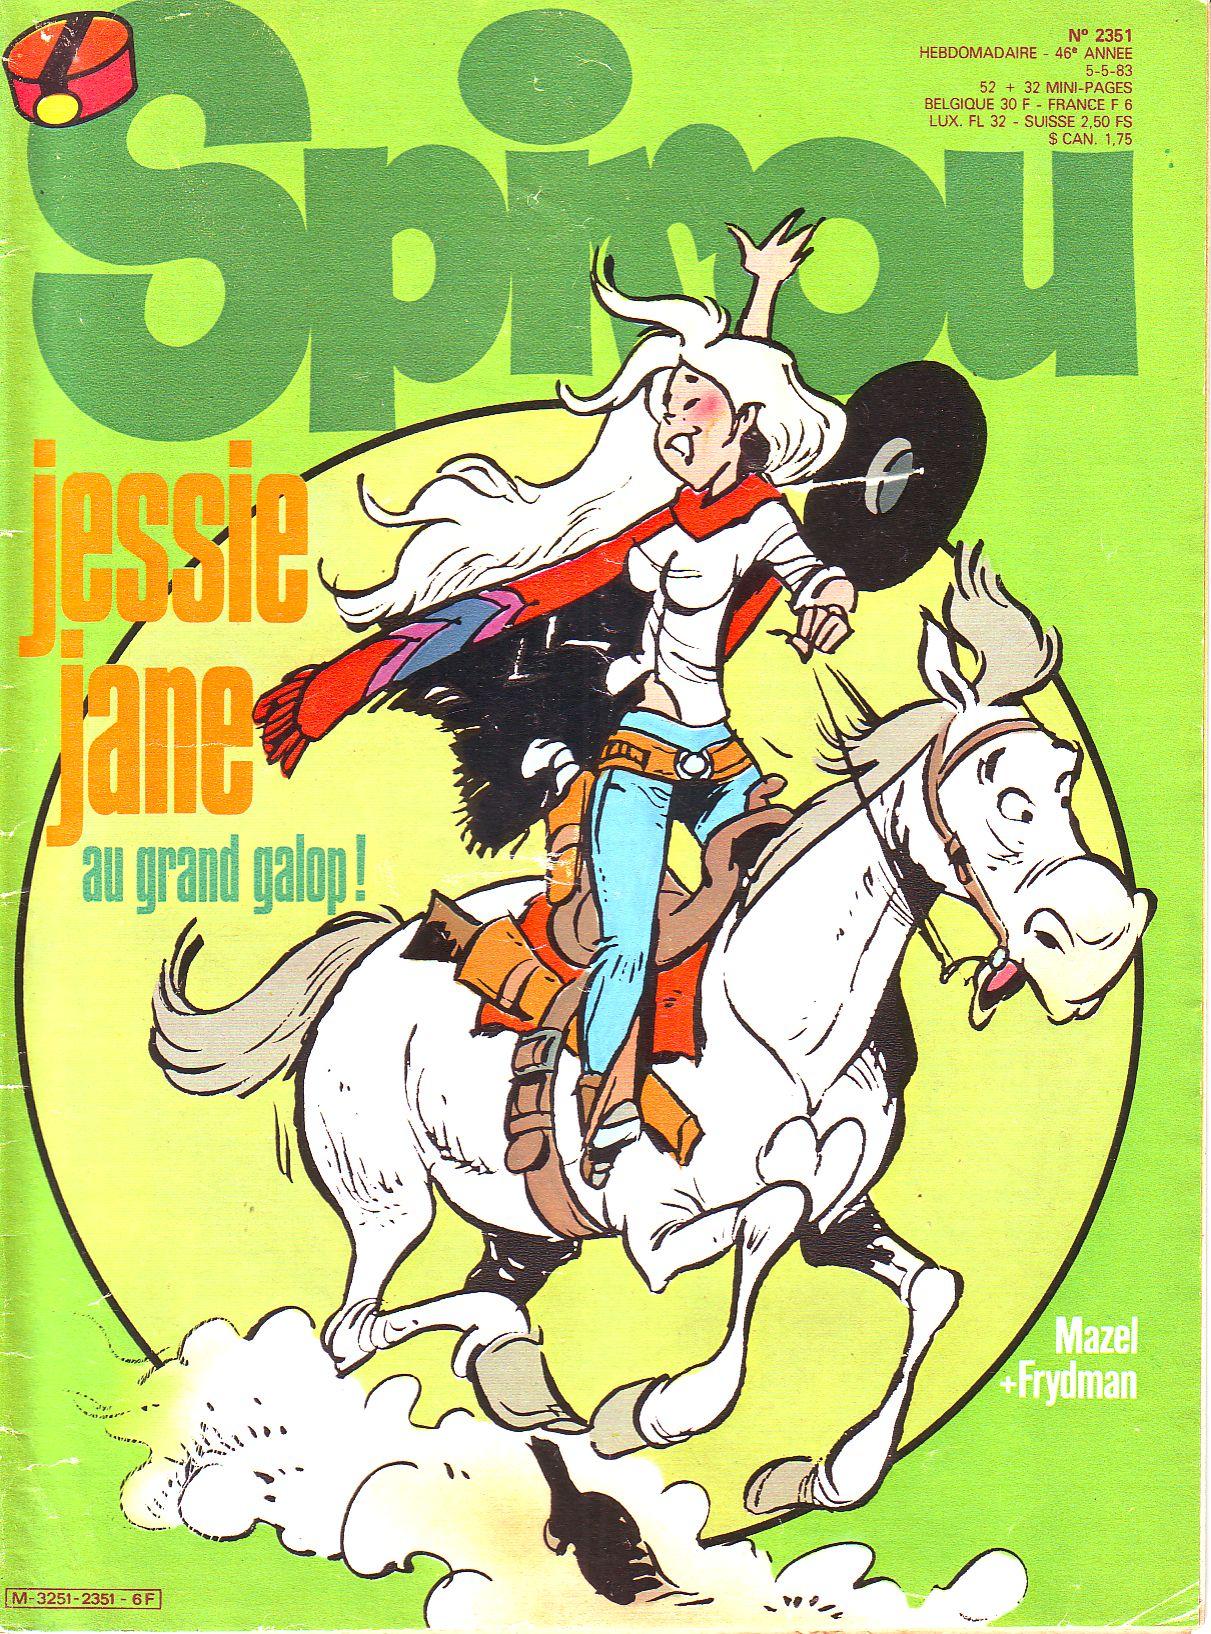 Le journal de Spirou 2351